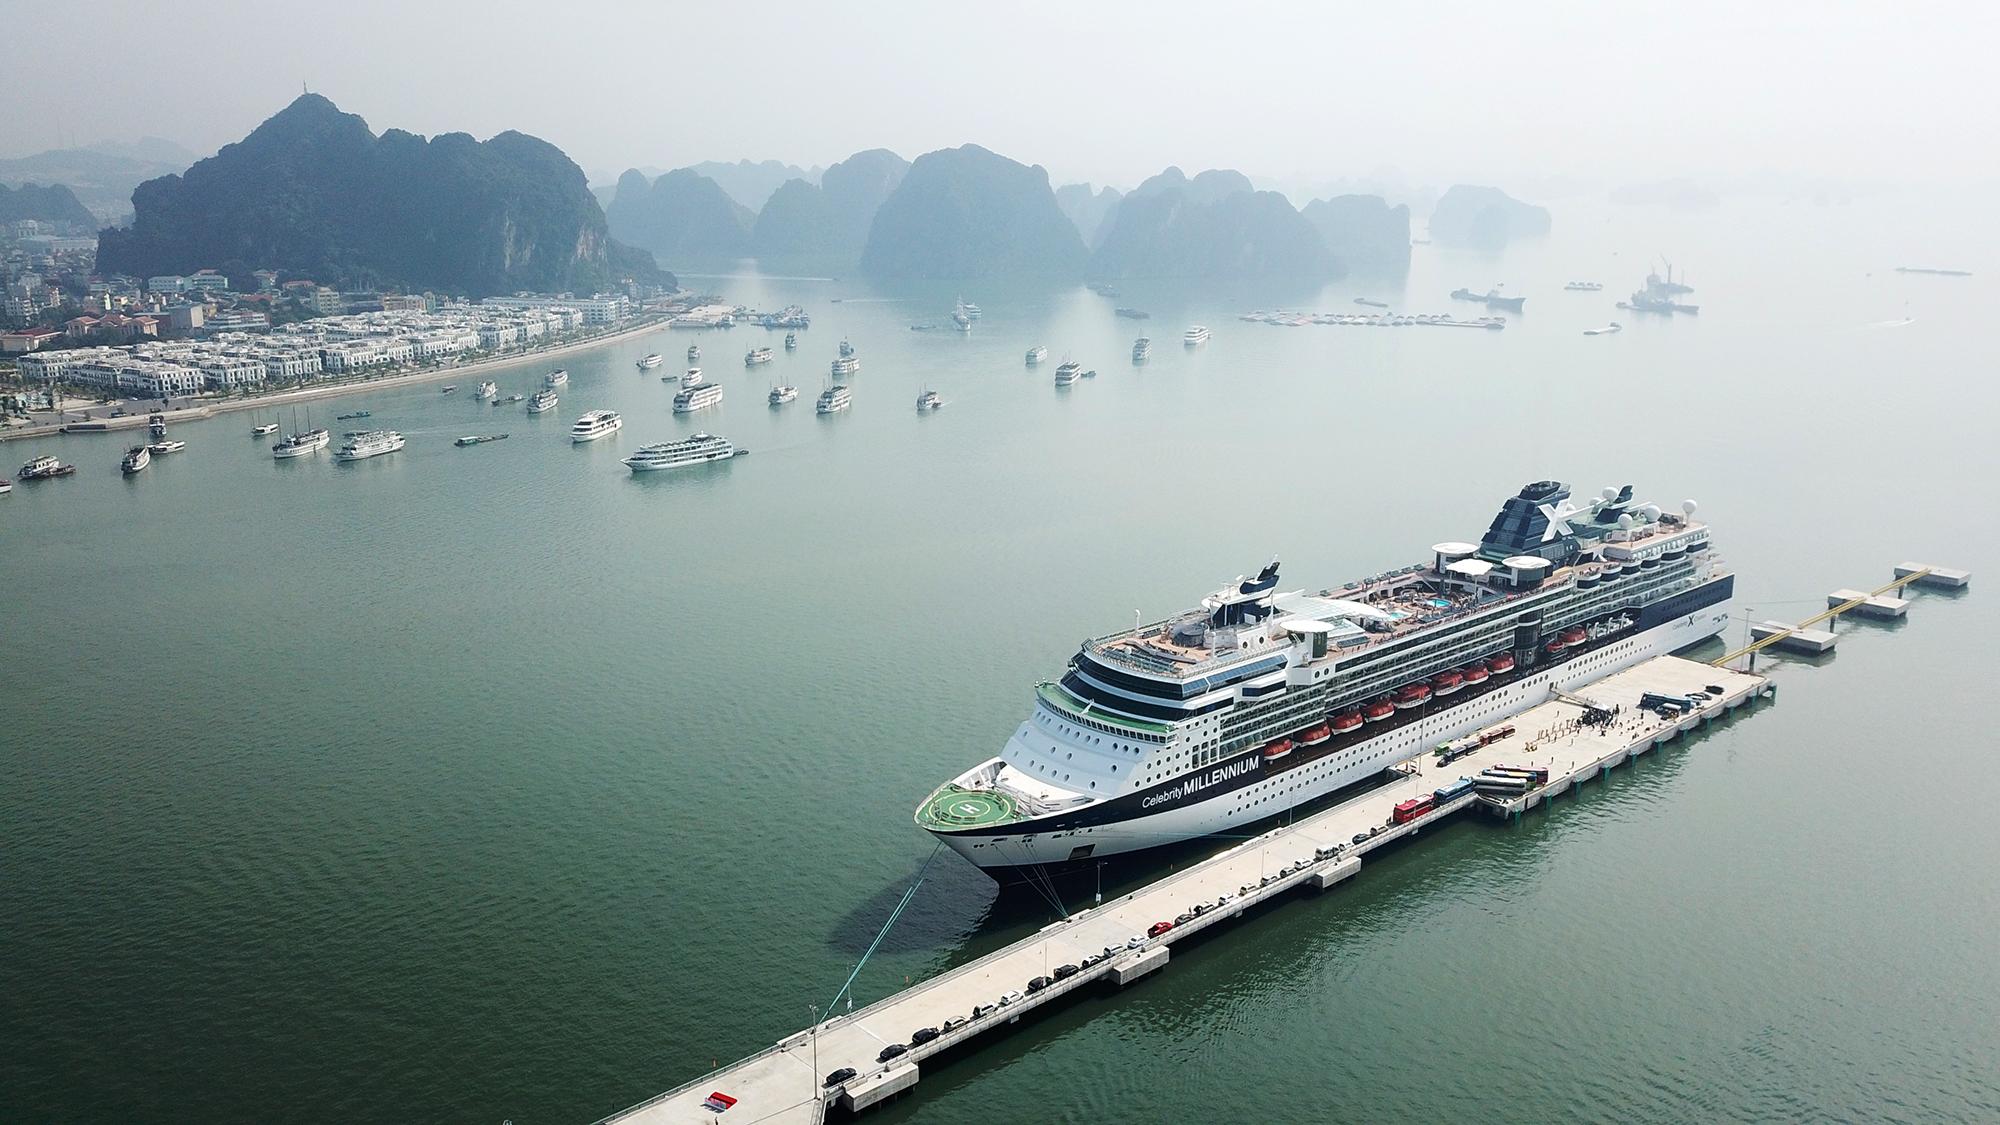 Du lịch miền Trung – Tây Nguyên: Áp lực lớn vì thiếu sân bay, cảng biển - Ảnh 4